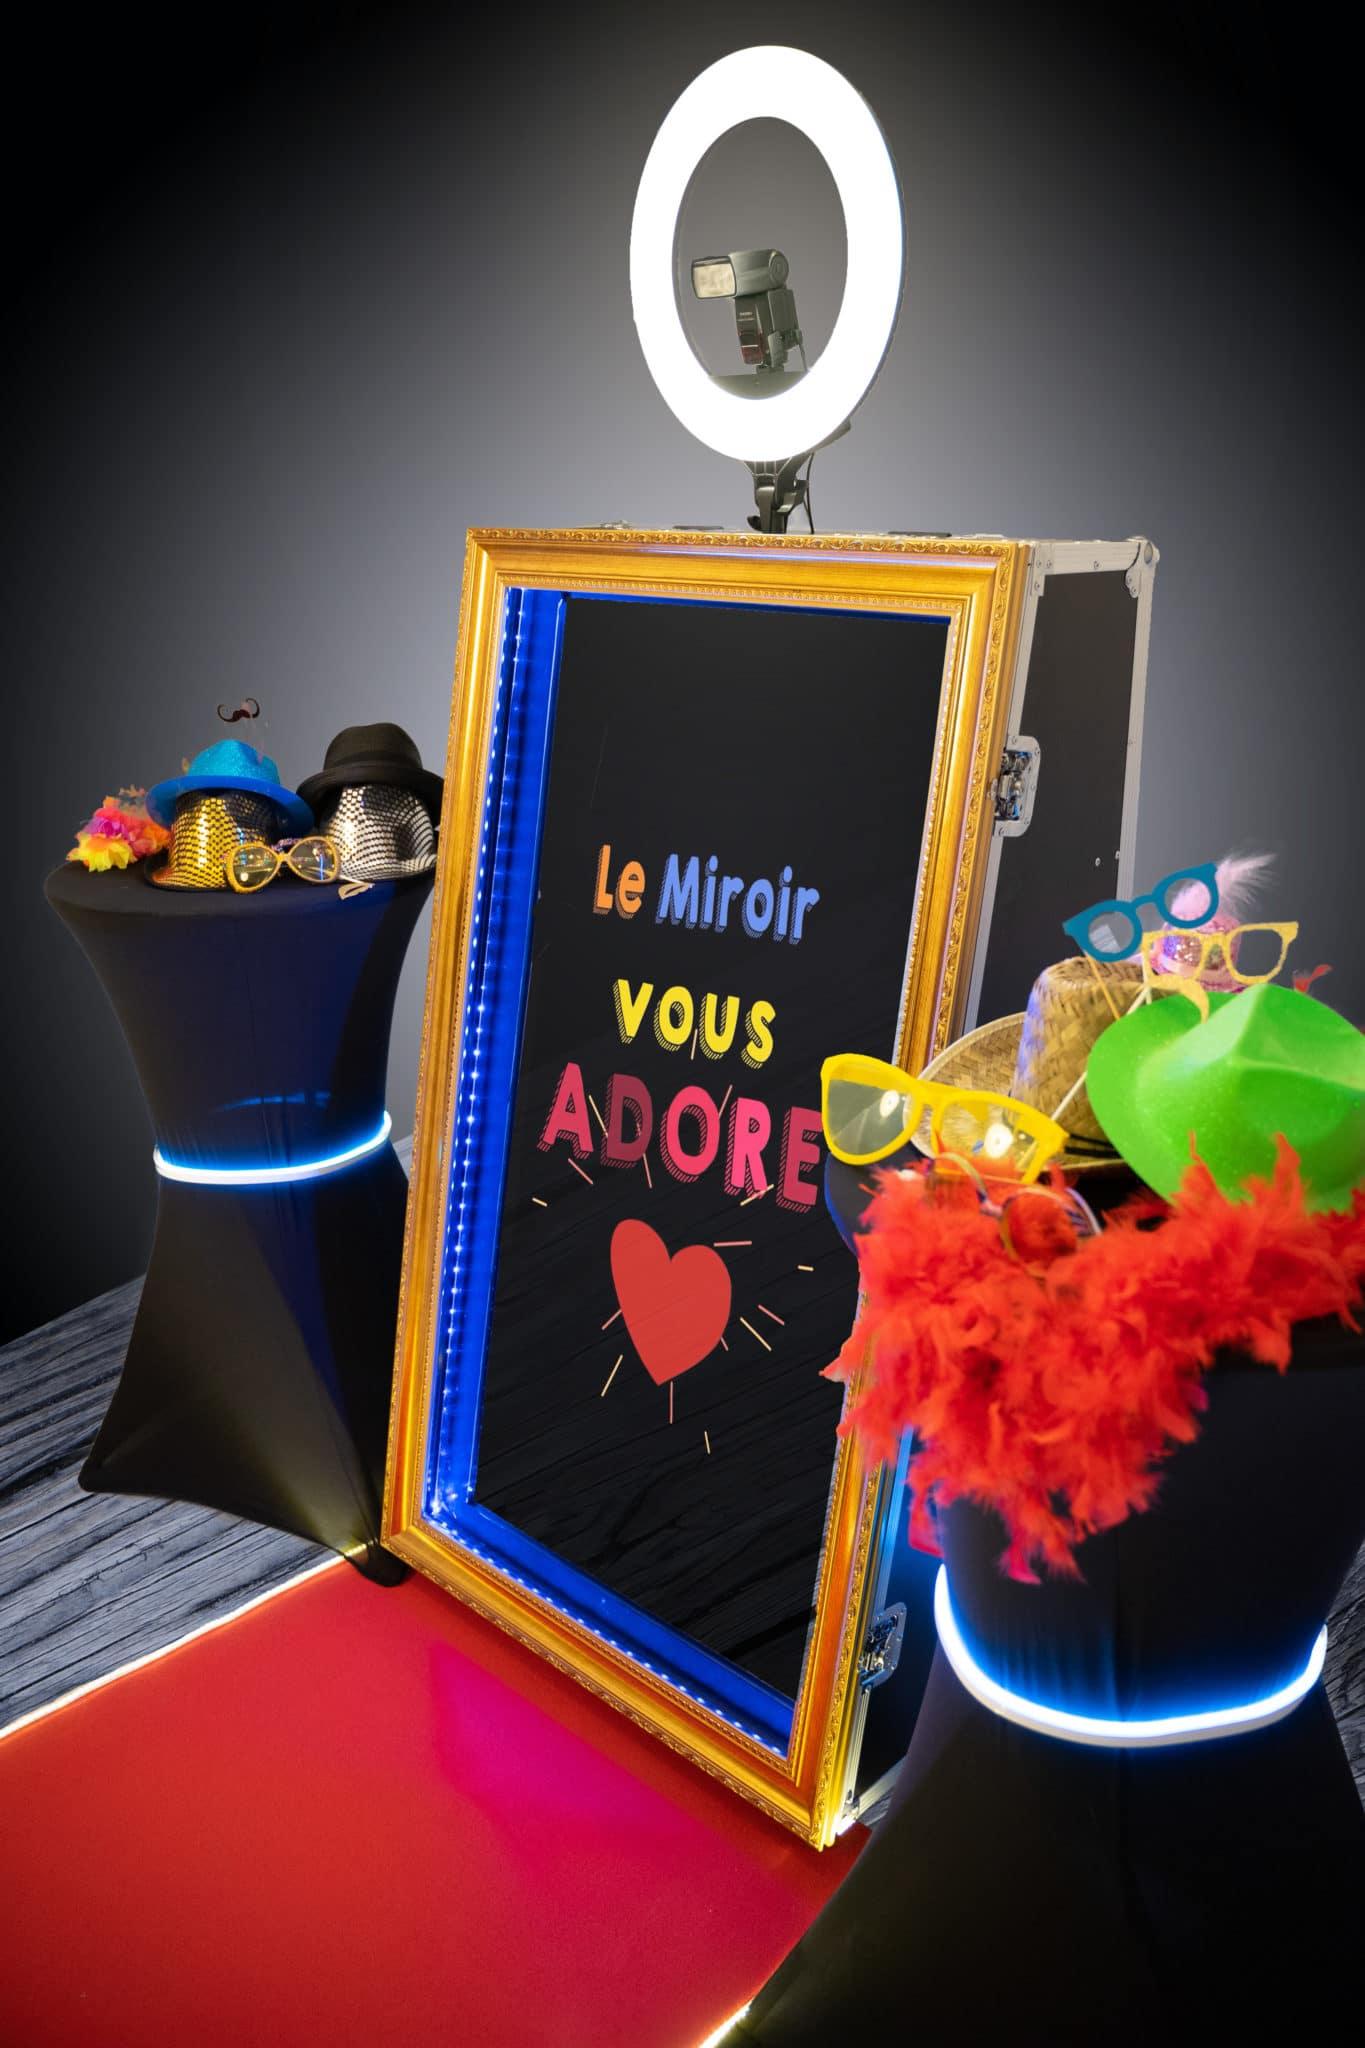 Miroir magic photobooth